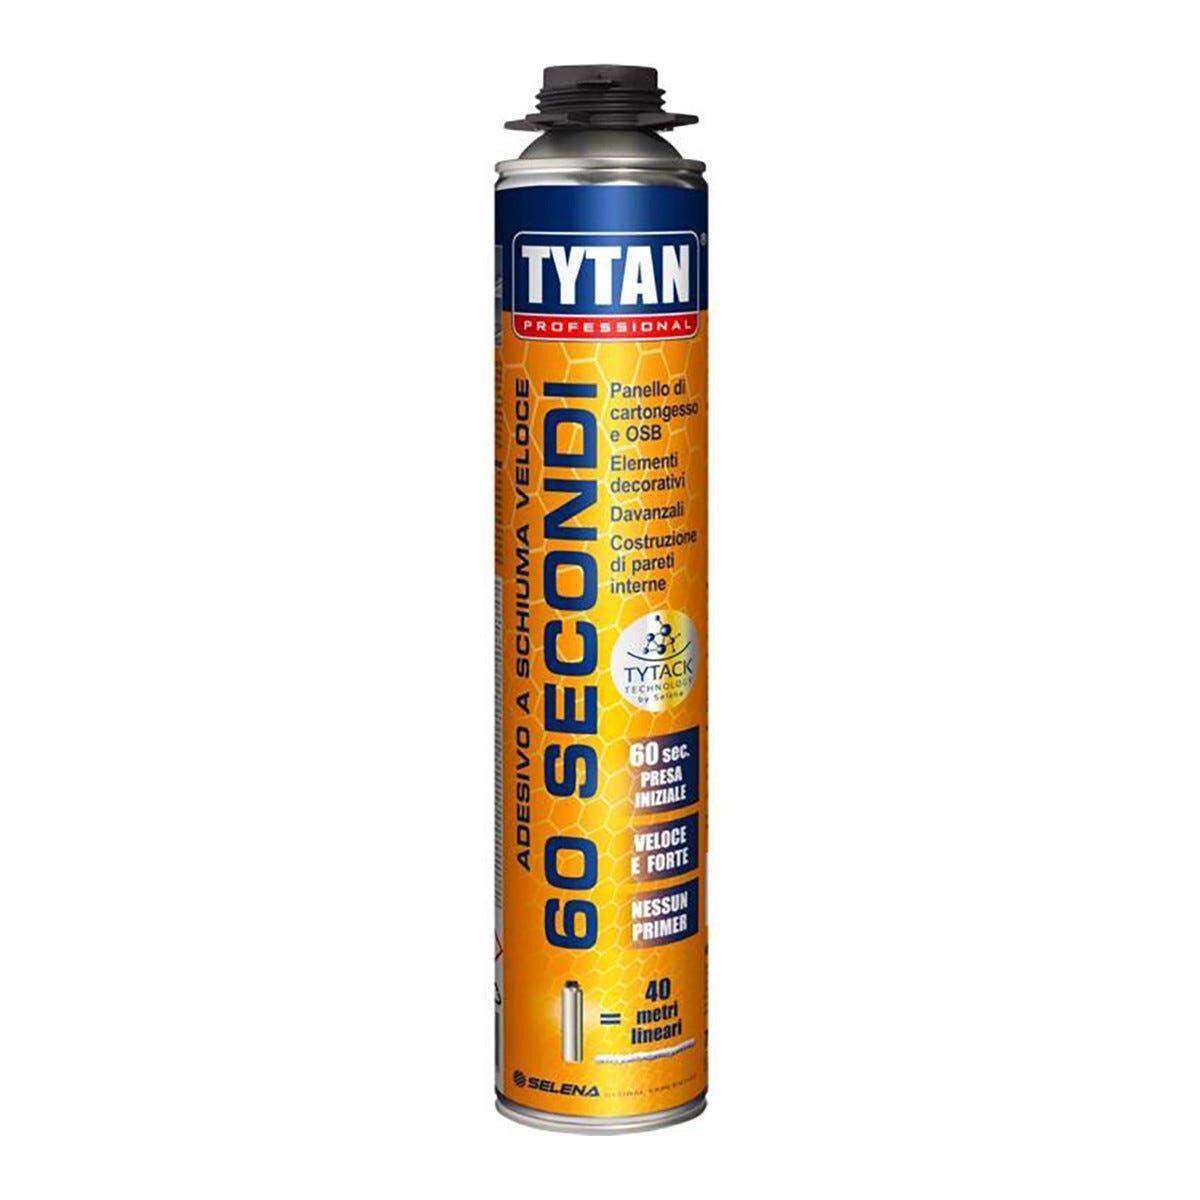 Adesivo A Schiuma Veloce Tytan 750ml 60 Secondi Per Pistola Pannelli Osb E Cartongesso